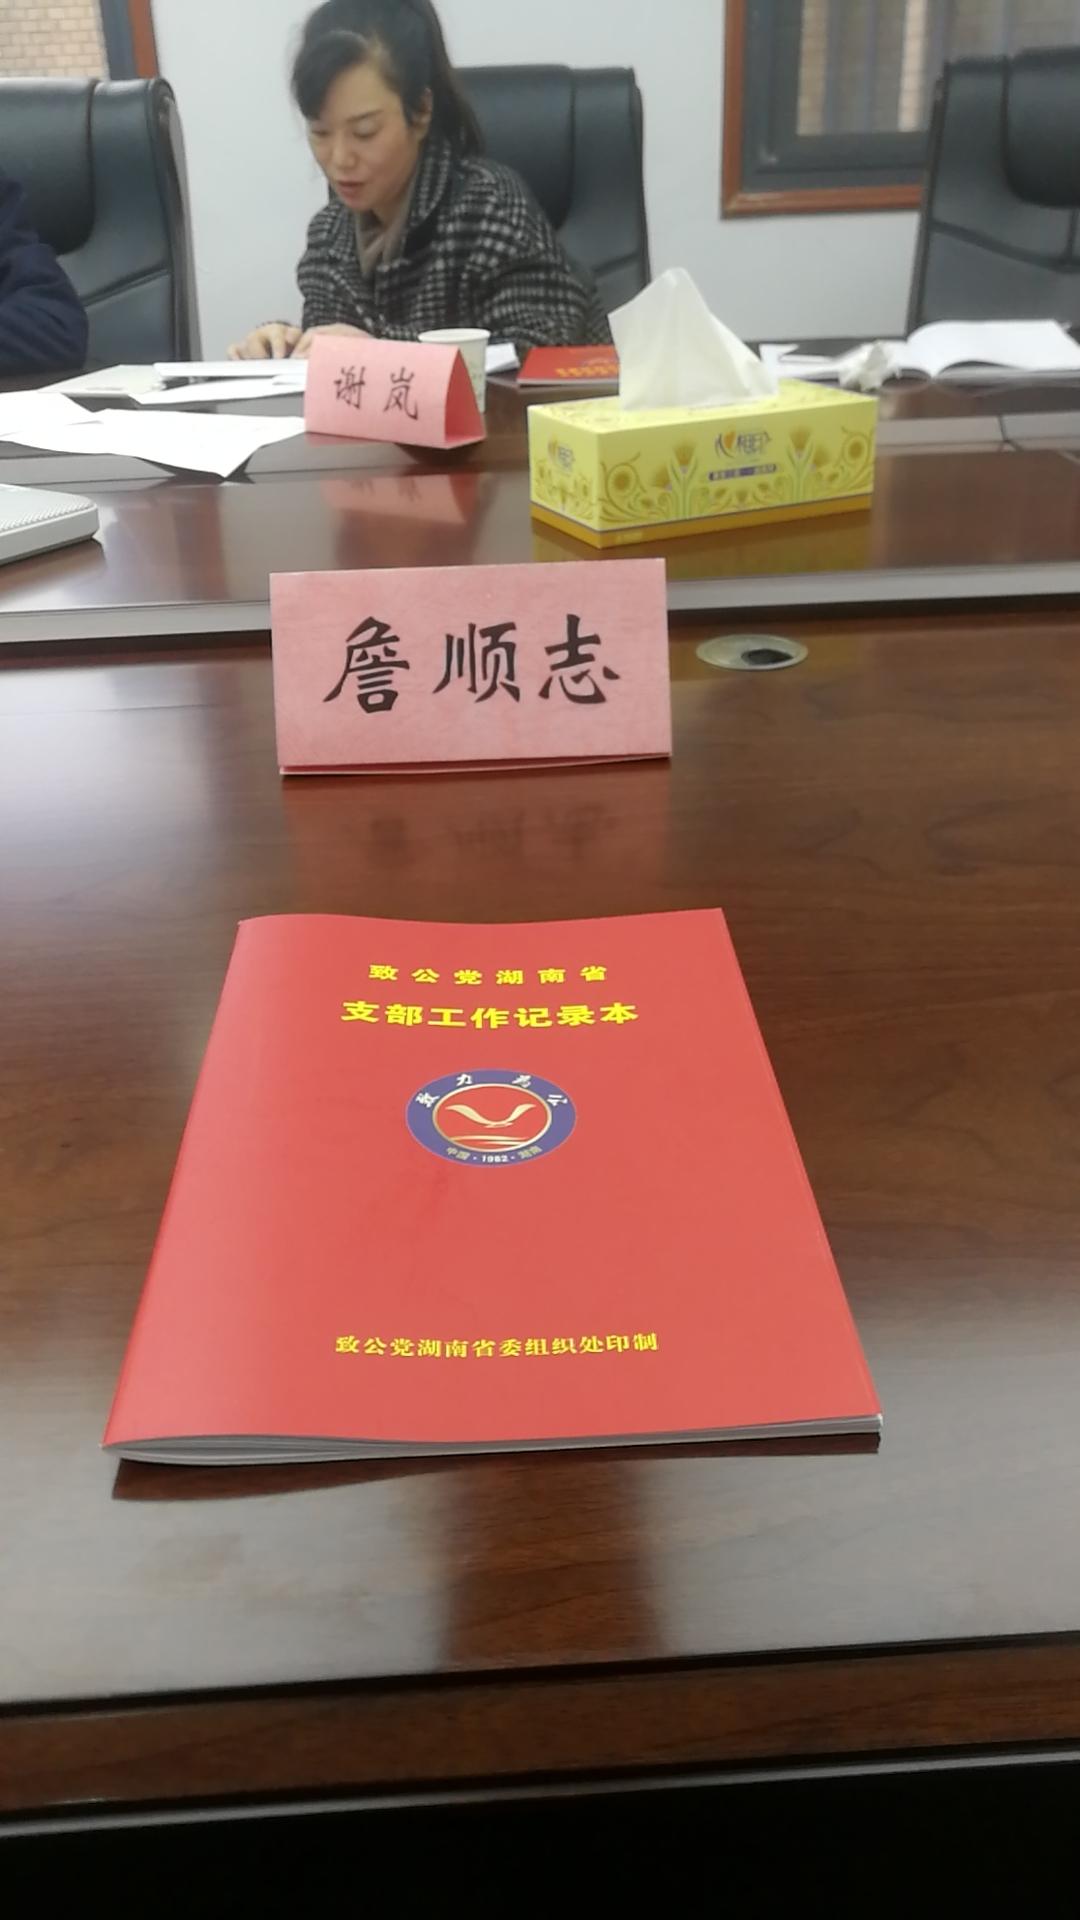 参加致公党基层组织活力指数审核工作